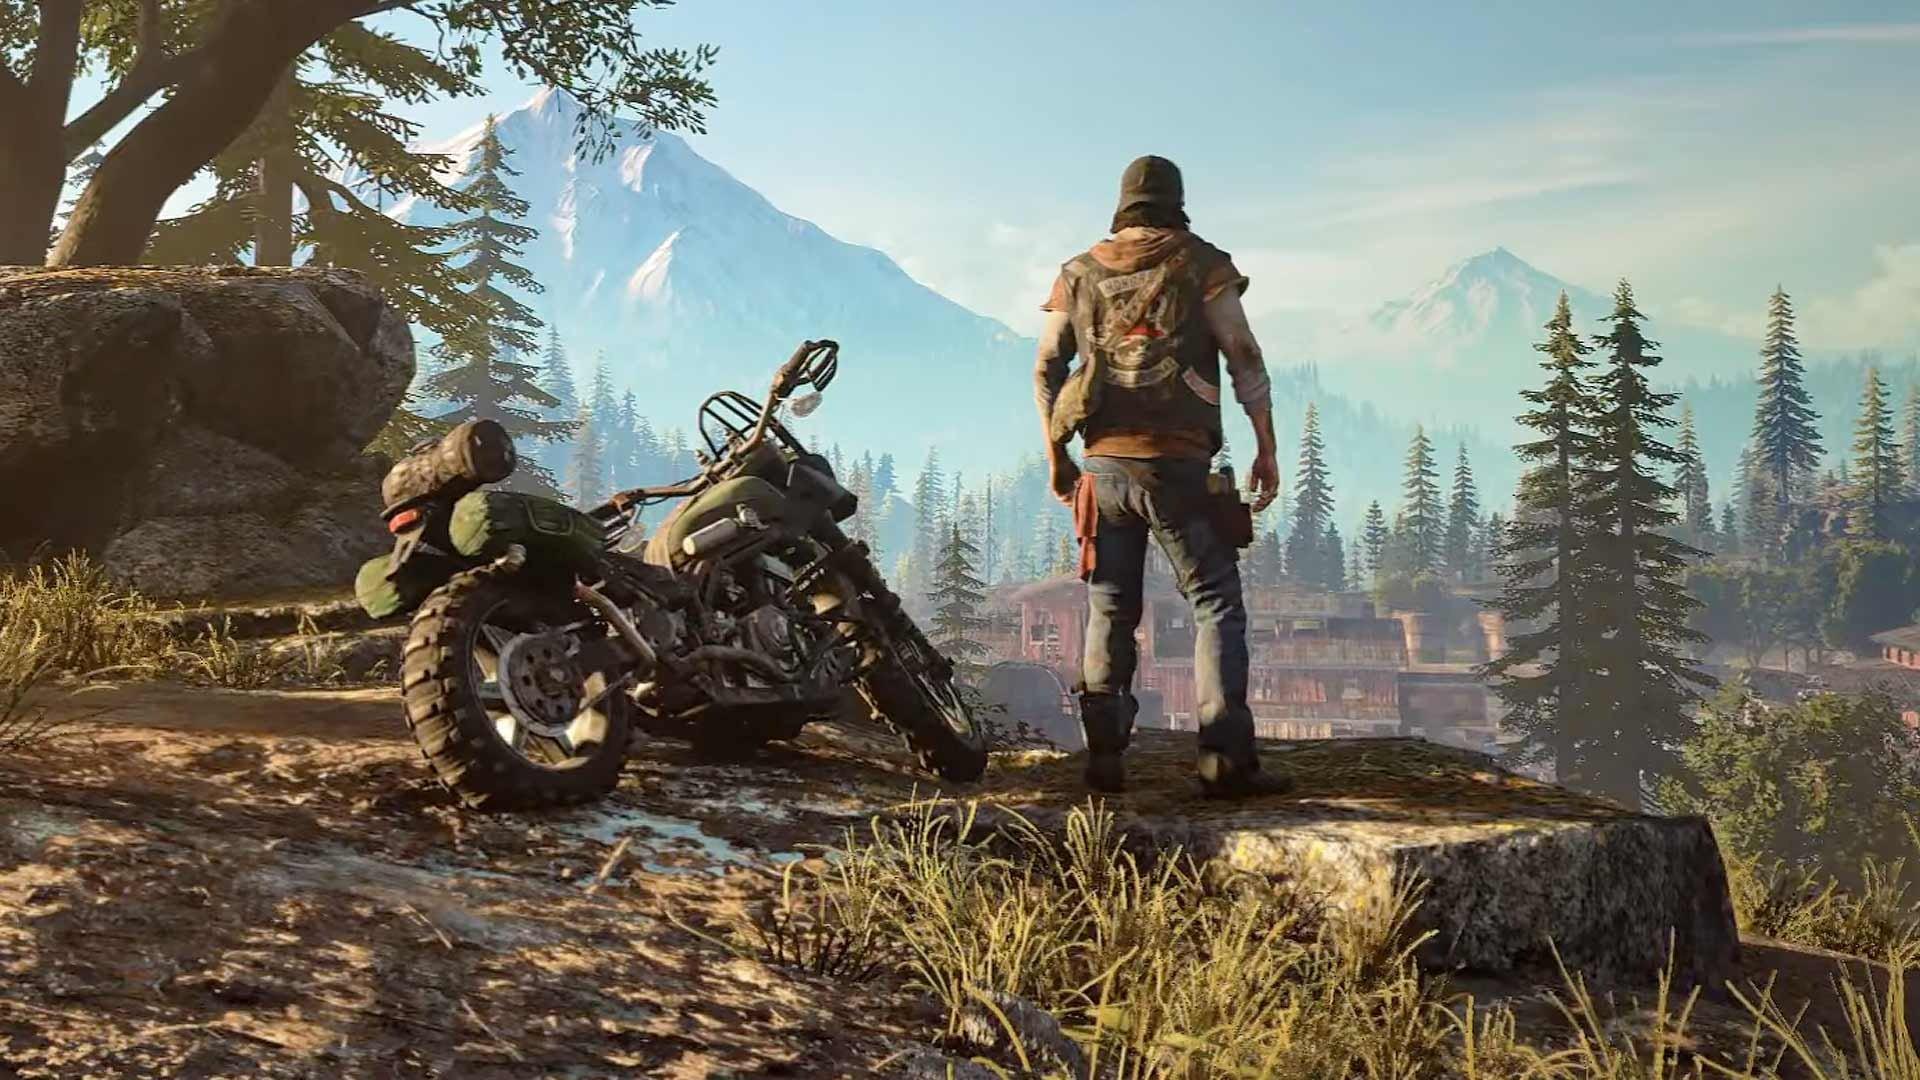 ویدئوی جدیدی از گیمپلی بازی Days Gone منتشر شد